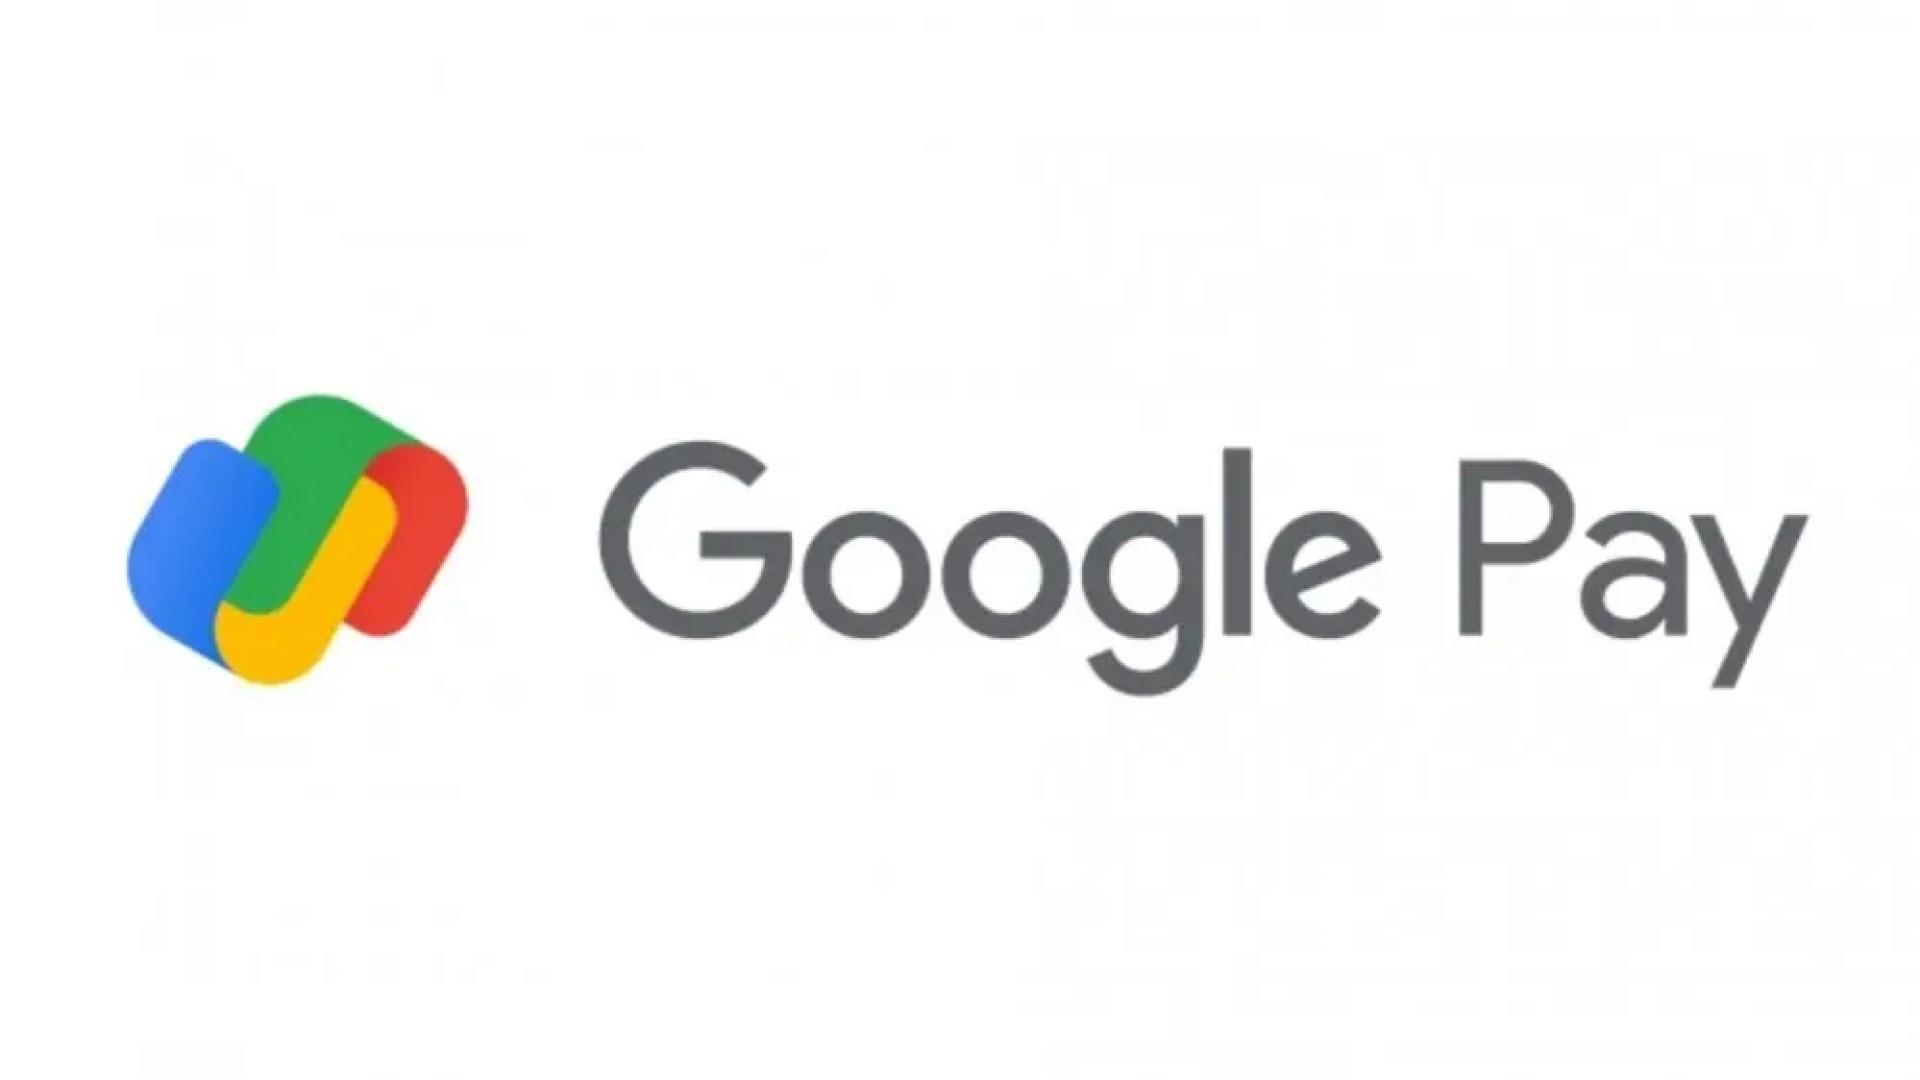 New Google Pay logo